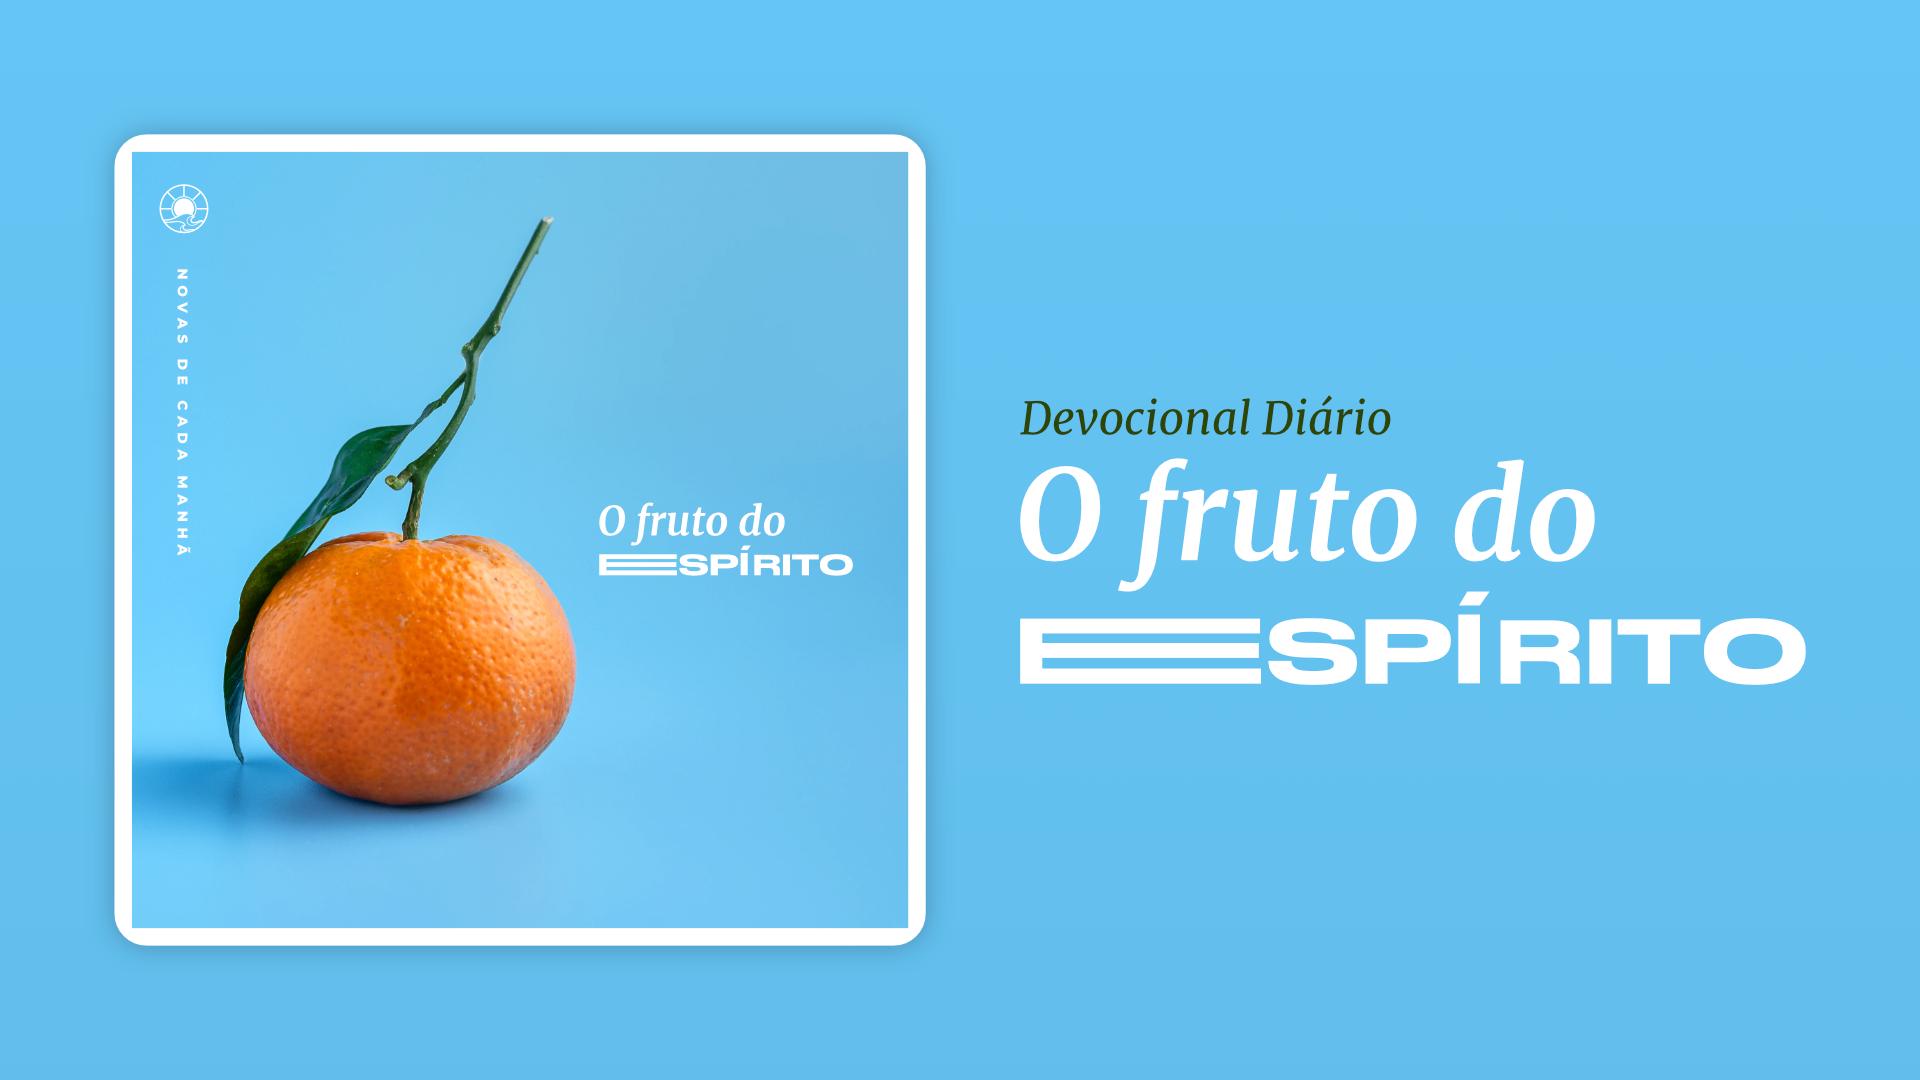 Devocional Diário - O Fruto do Espírito